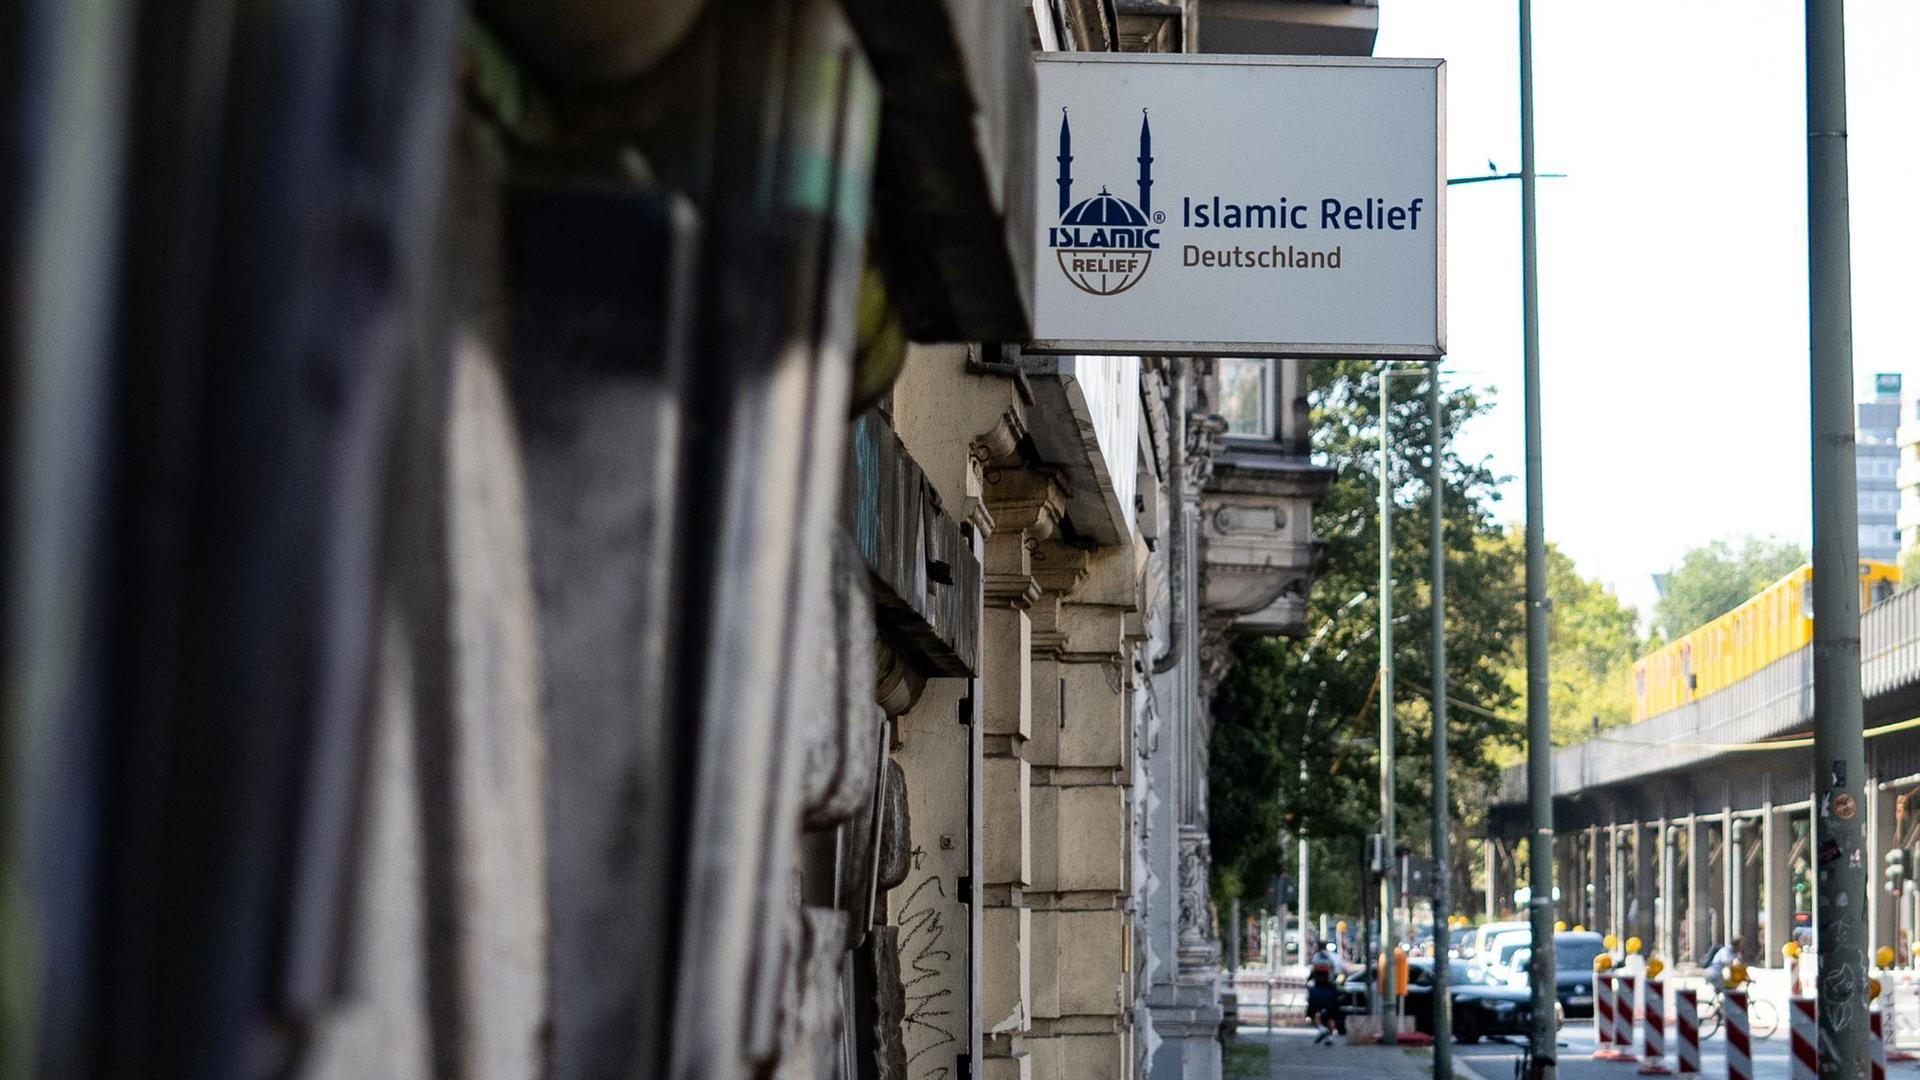 Das Büro von Islamic Relief in Berlin. Die Organisation bezeichnet sich selbst als gemeinnützige deutsche Nichtregierungsorganisation mit humanitärem Auftrag.